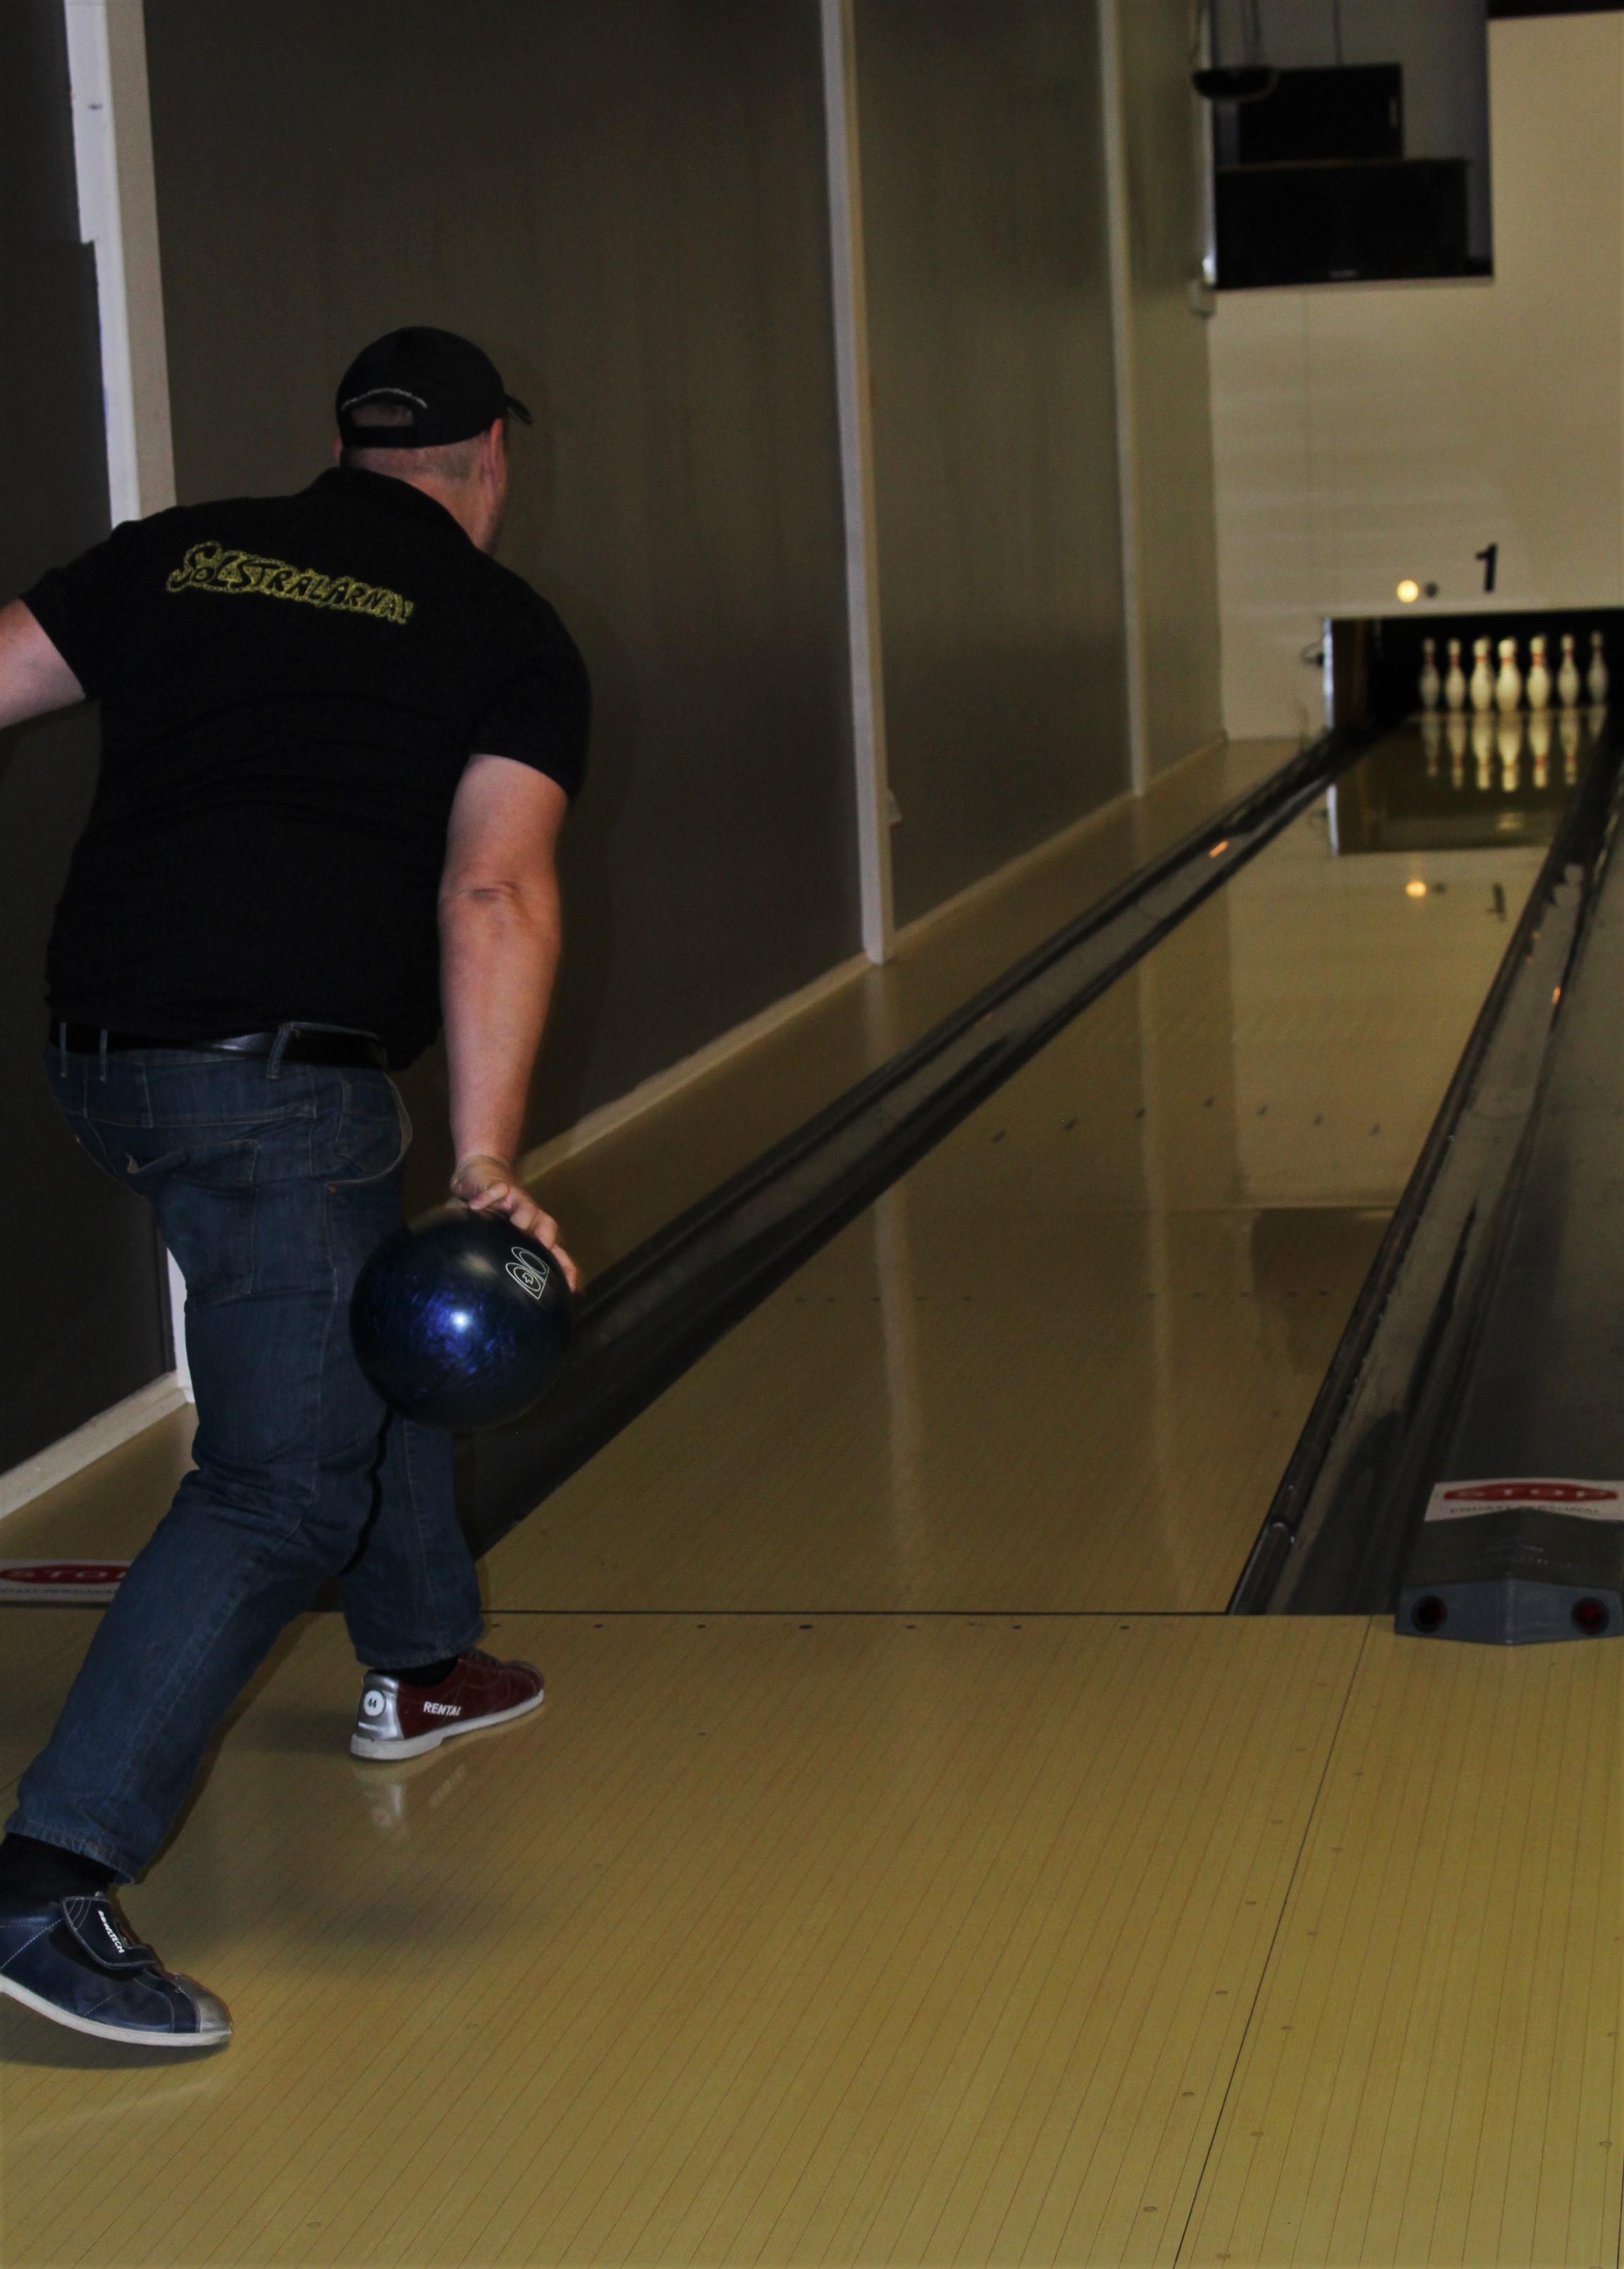 Sven är en duktig bowlare